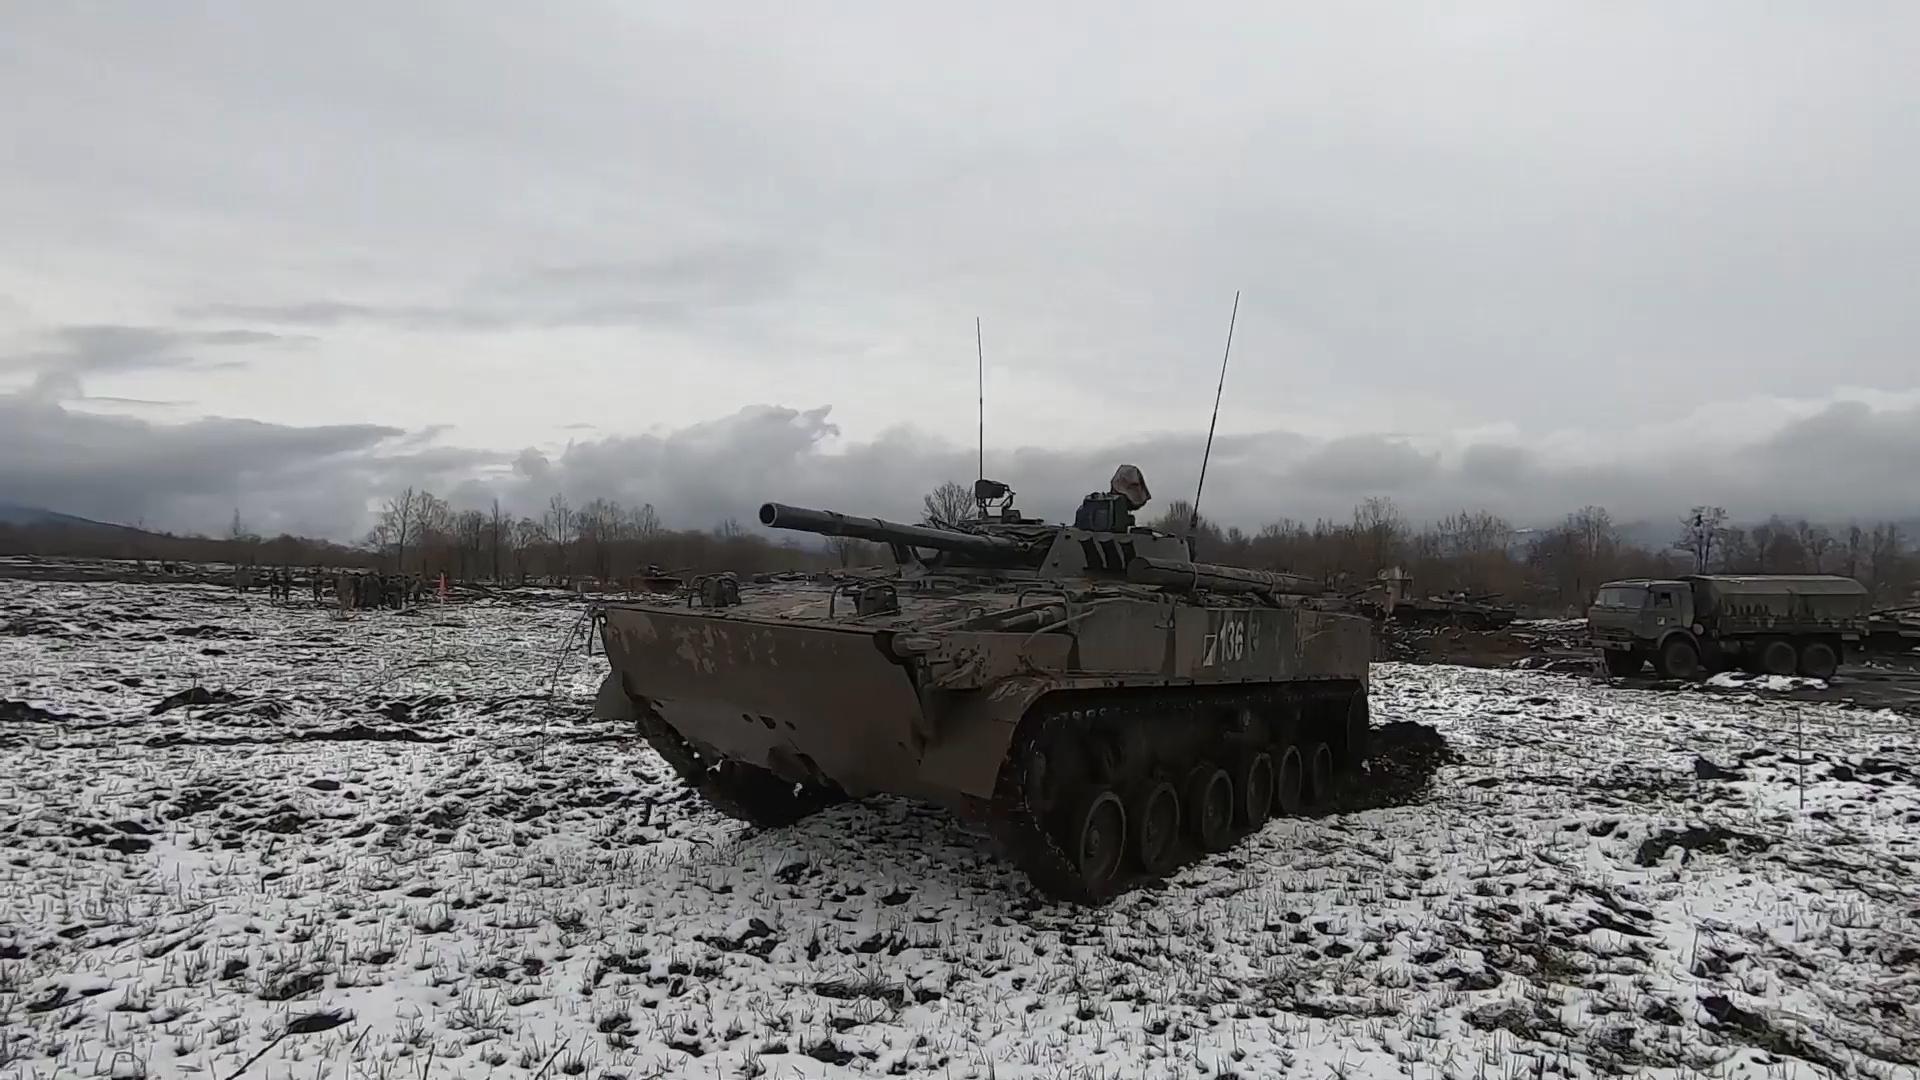 漫天大雪 俄军装甲部队突击敌军正面硬扛